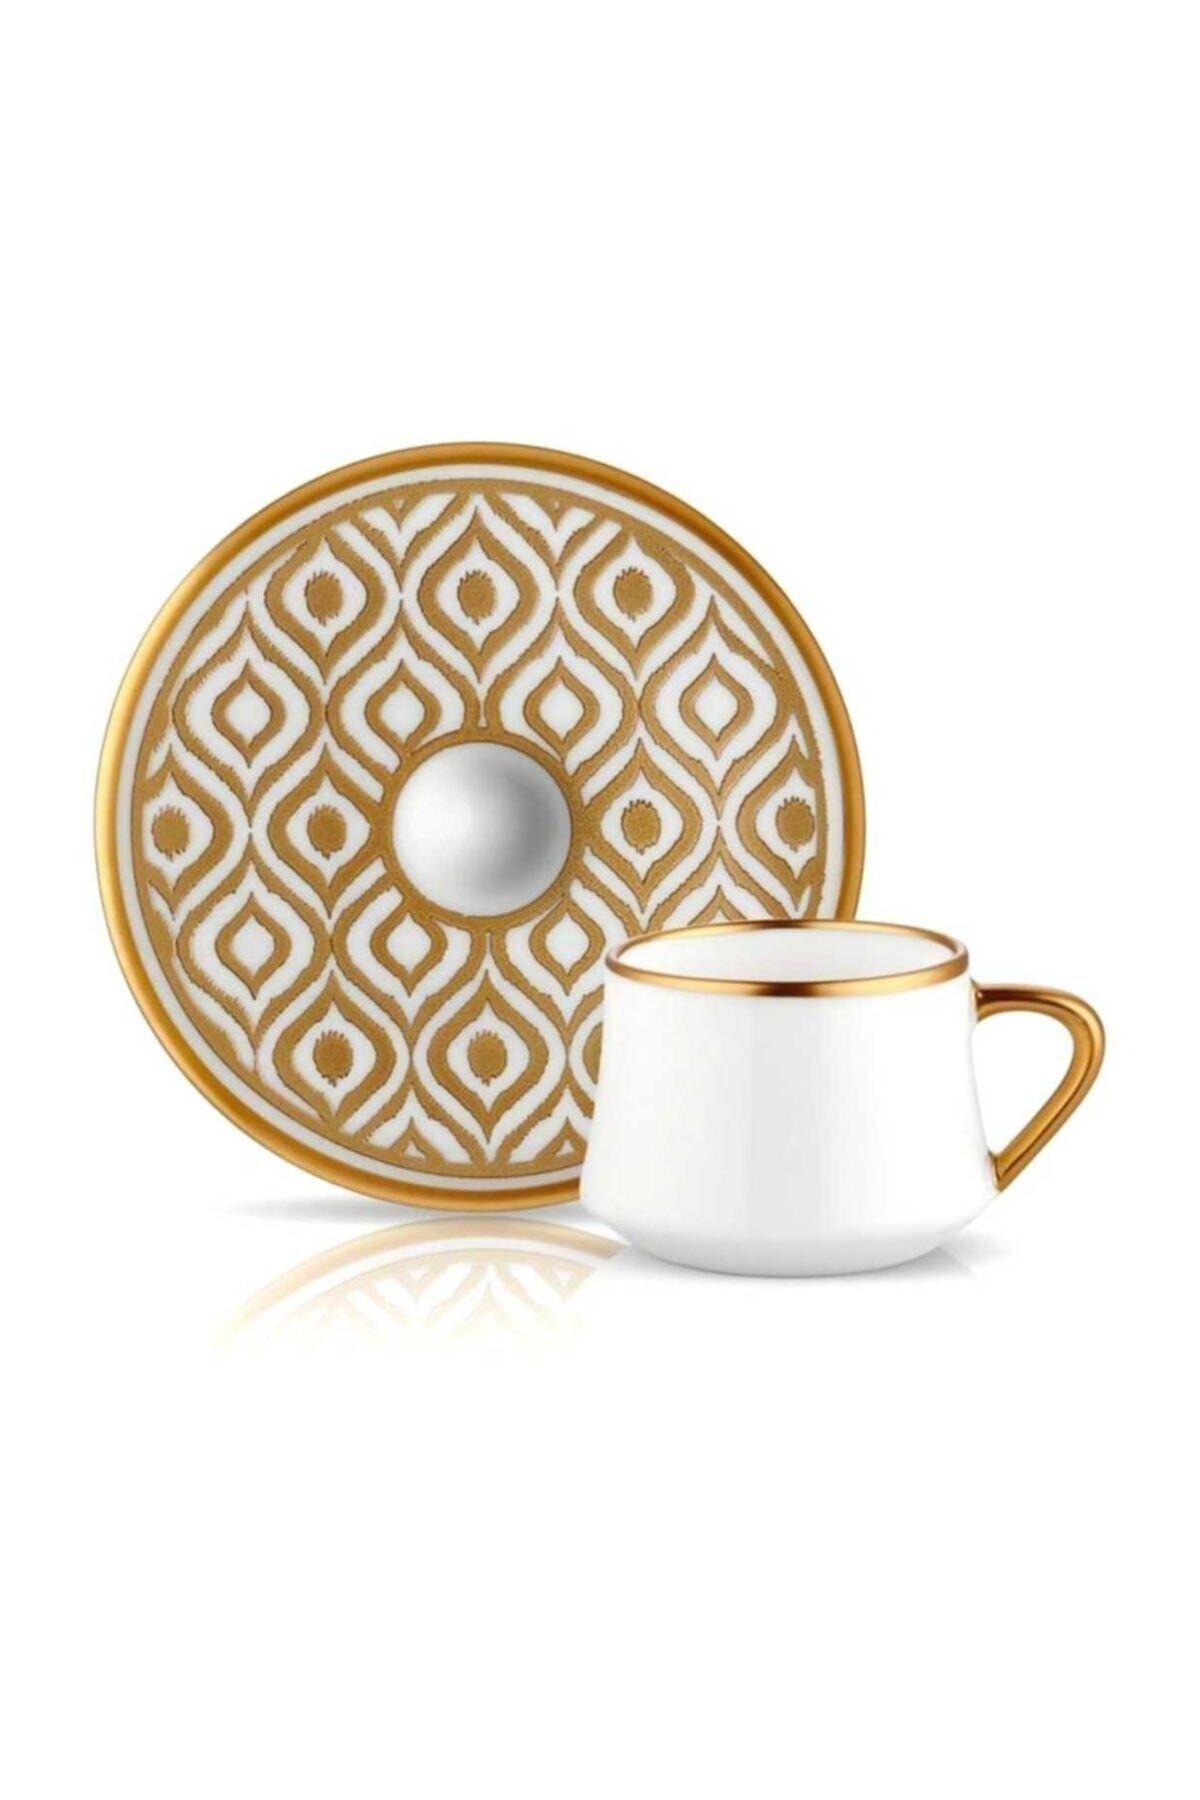 Koleksiyon1 6'lı İkat Altın Koleksiyon Sufi Türk Kahvesi Fincan Seti 1